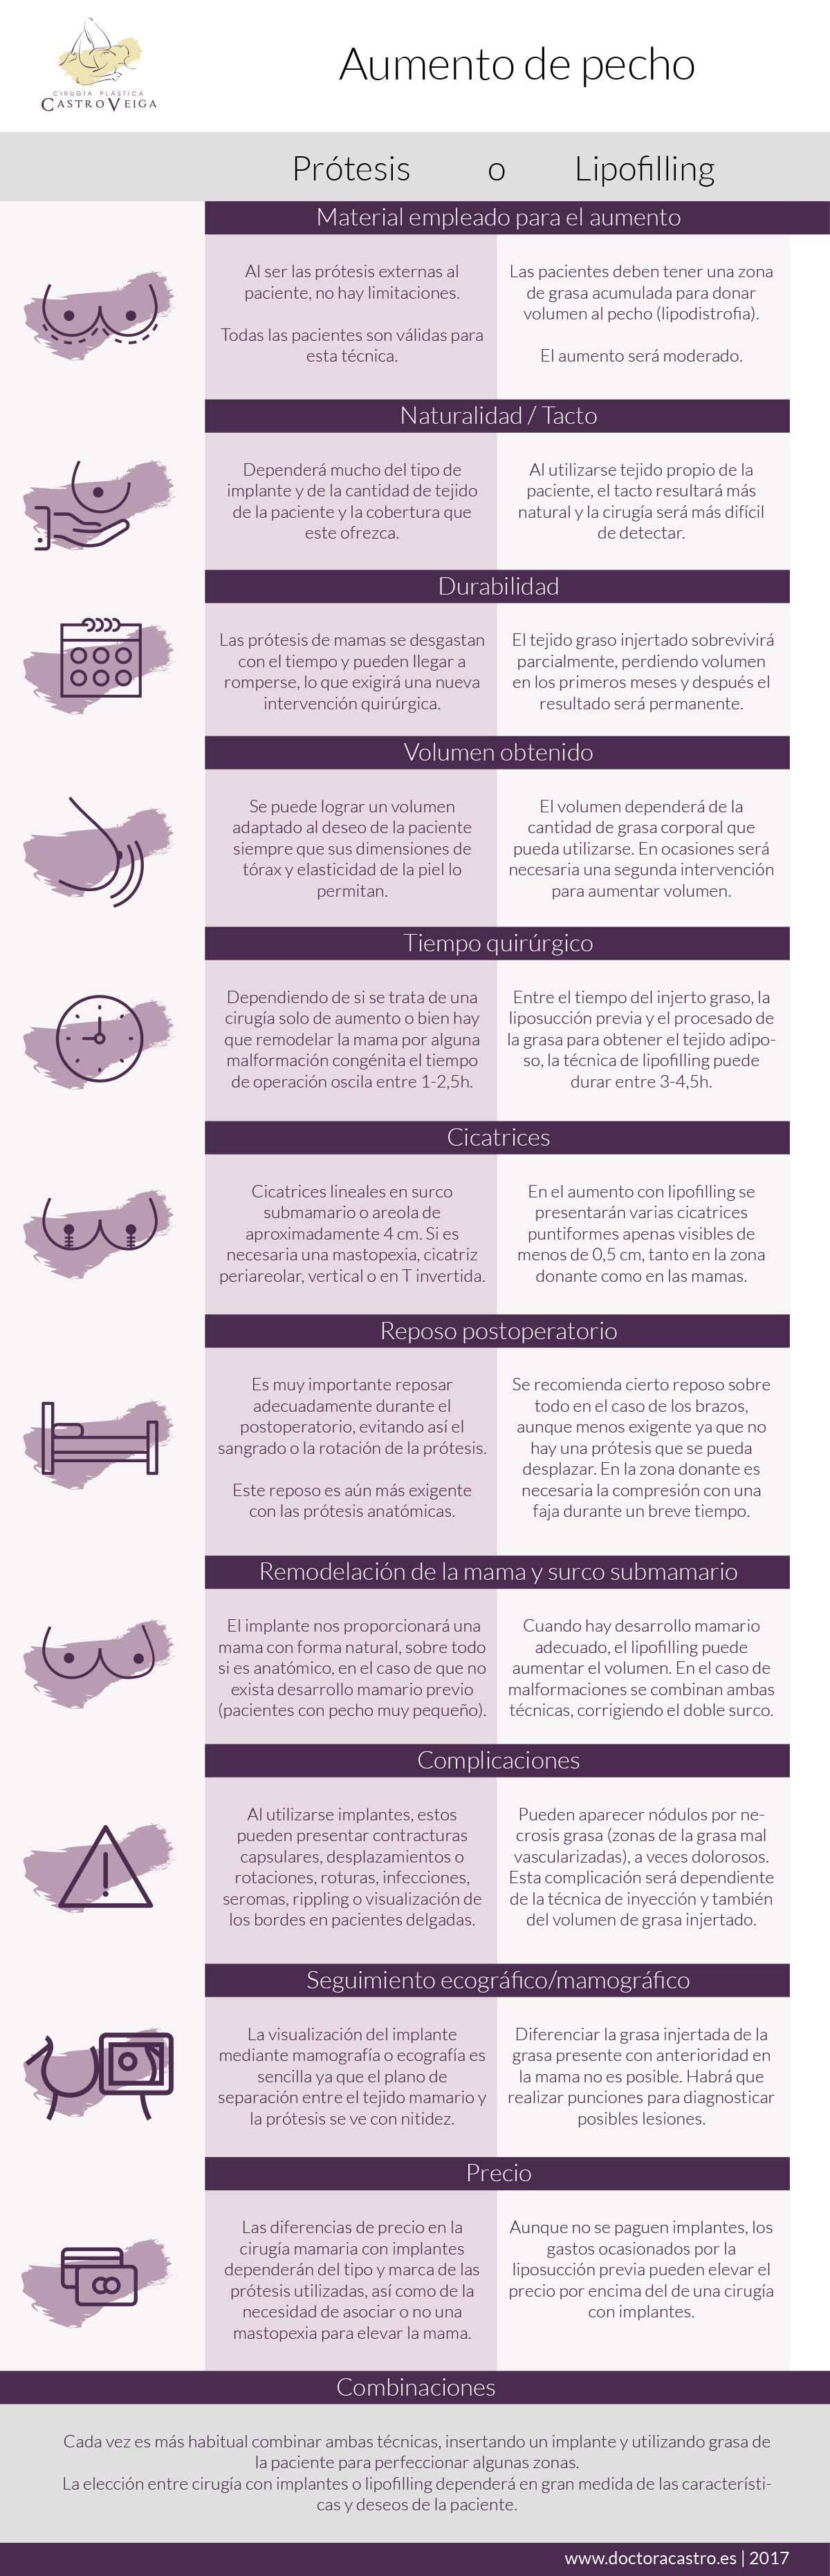 infografía prótesis vs lipofilling